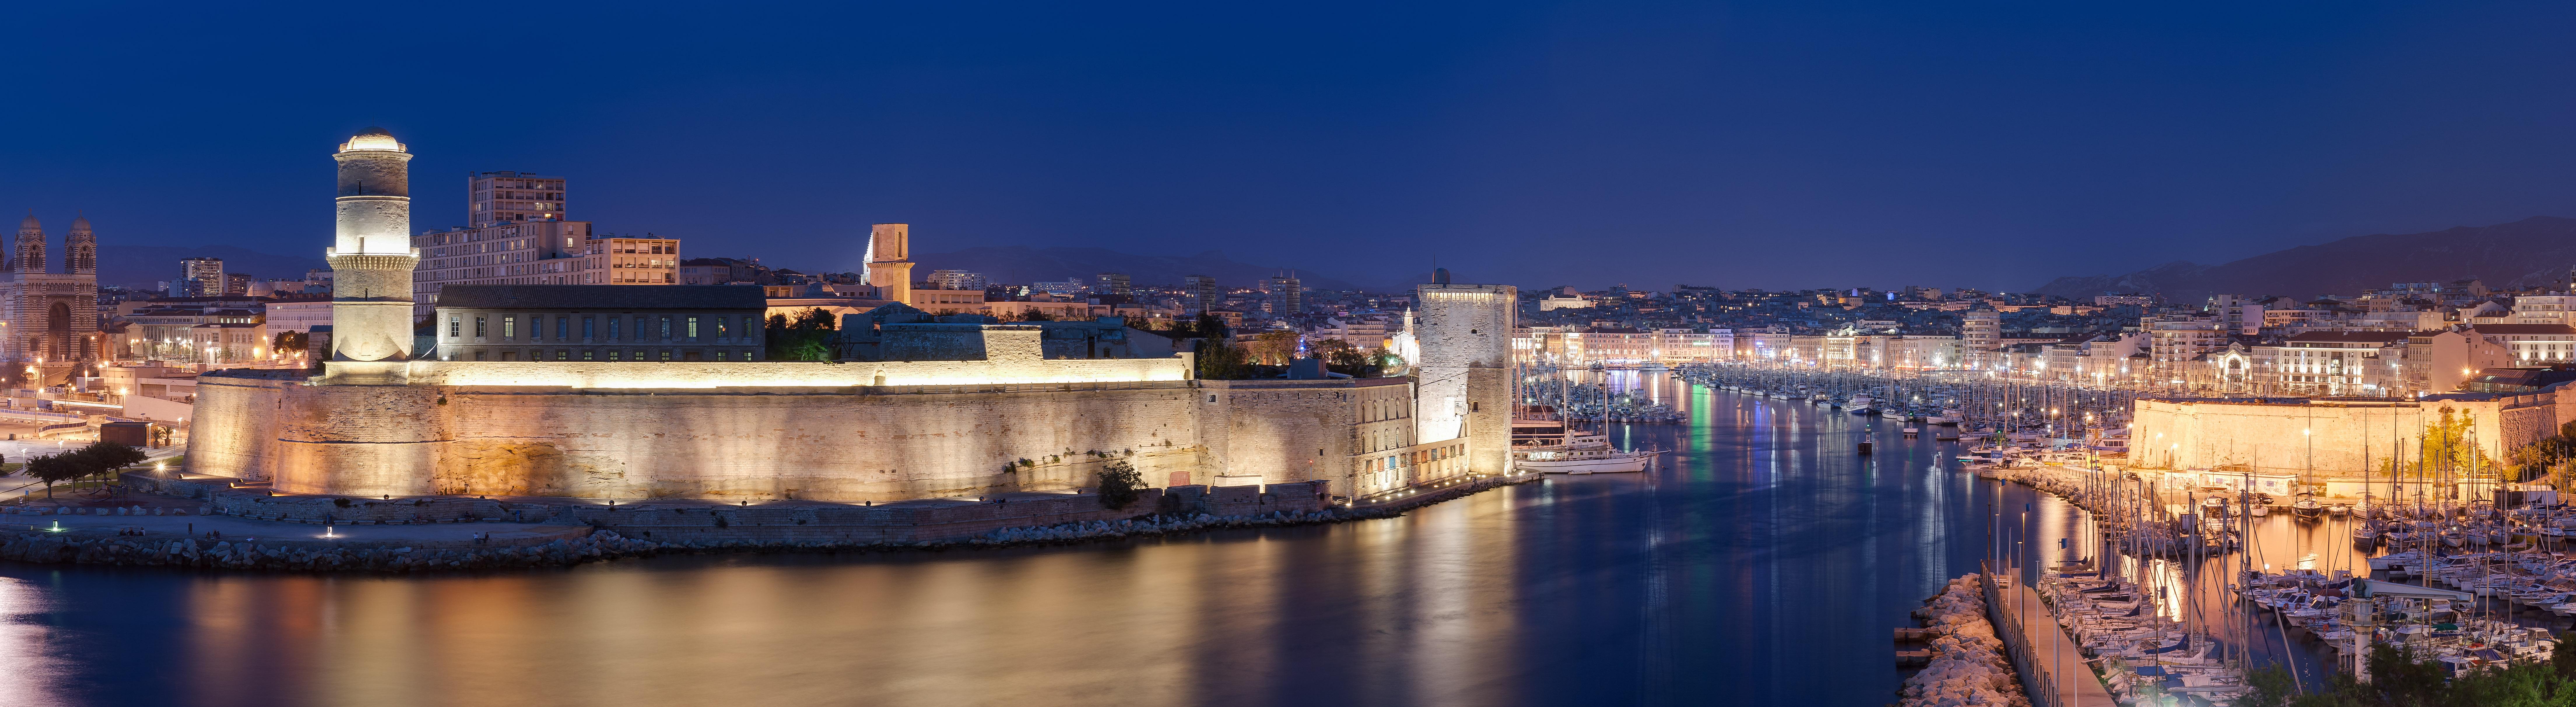 le vieux port: